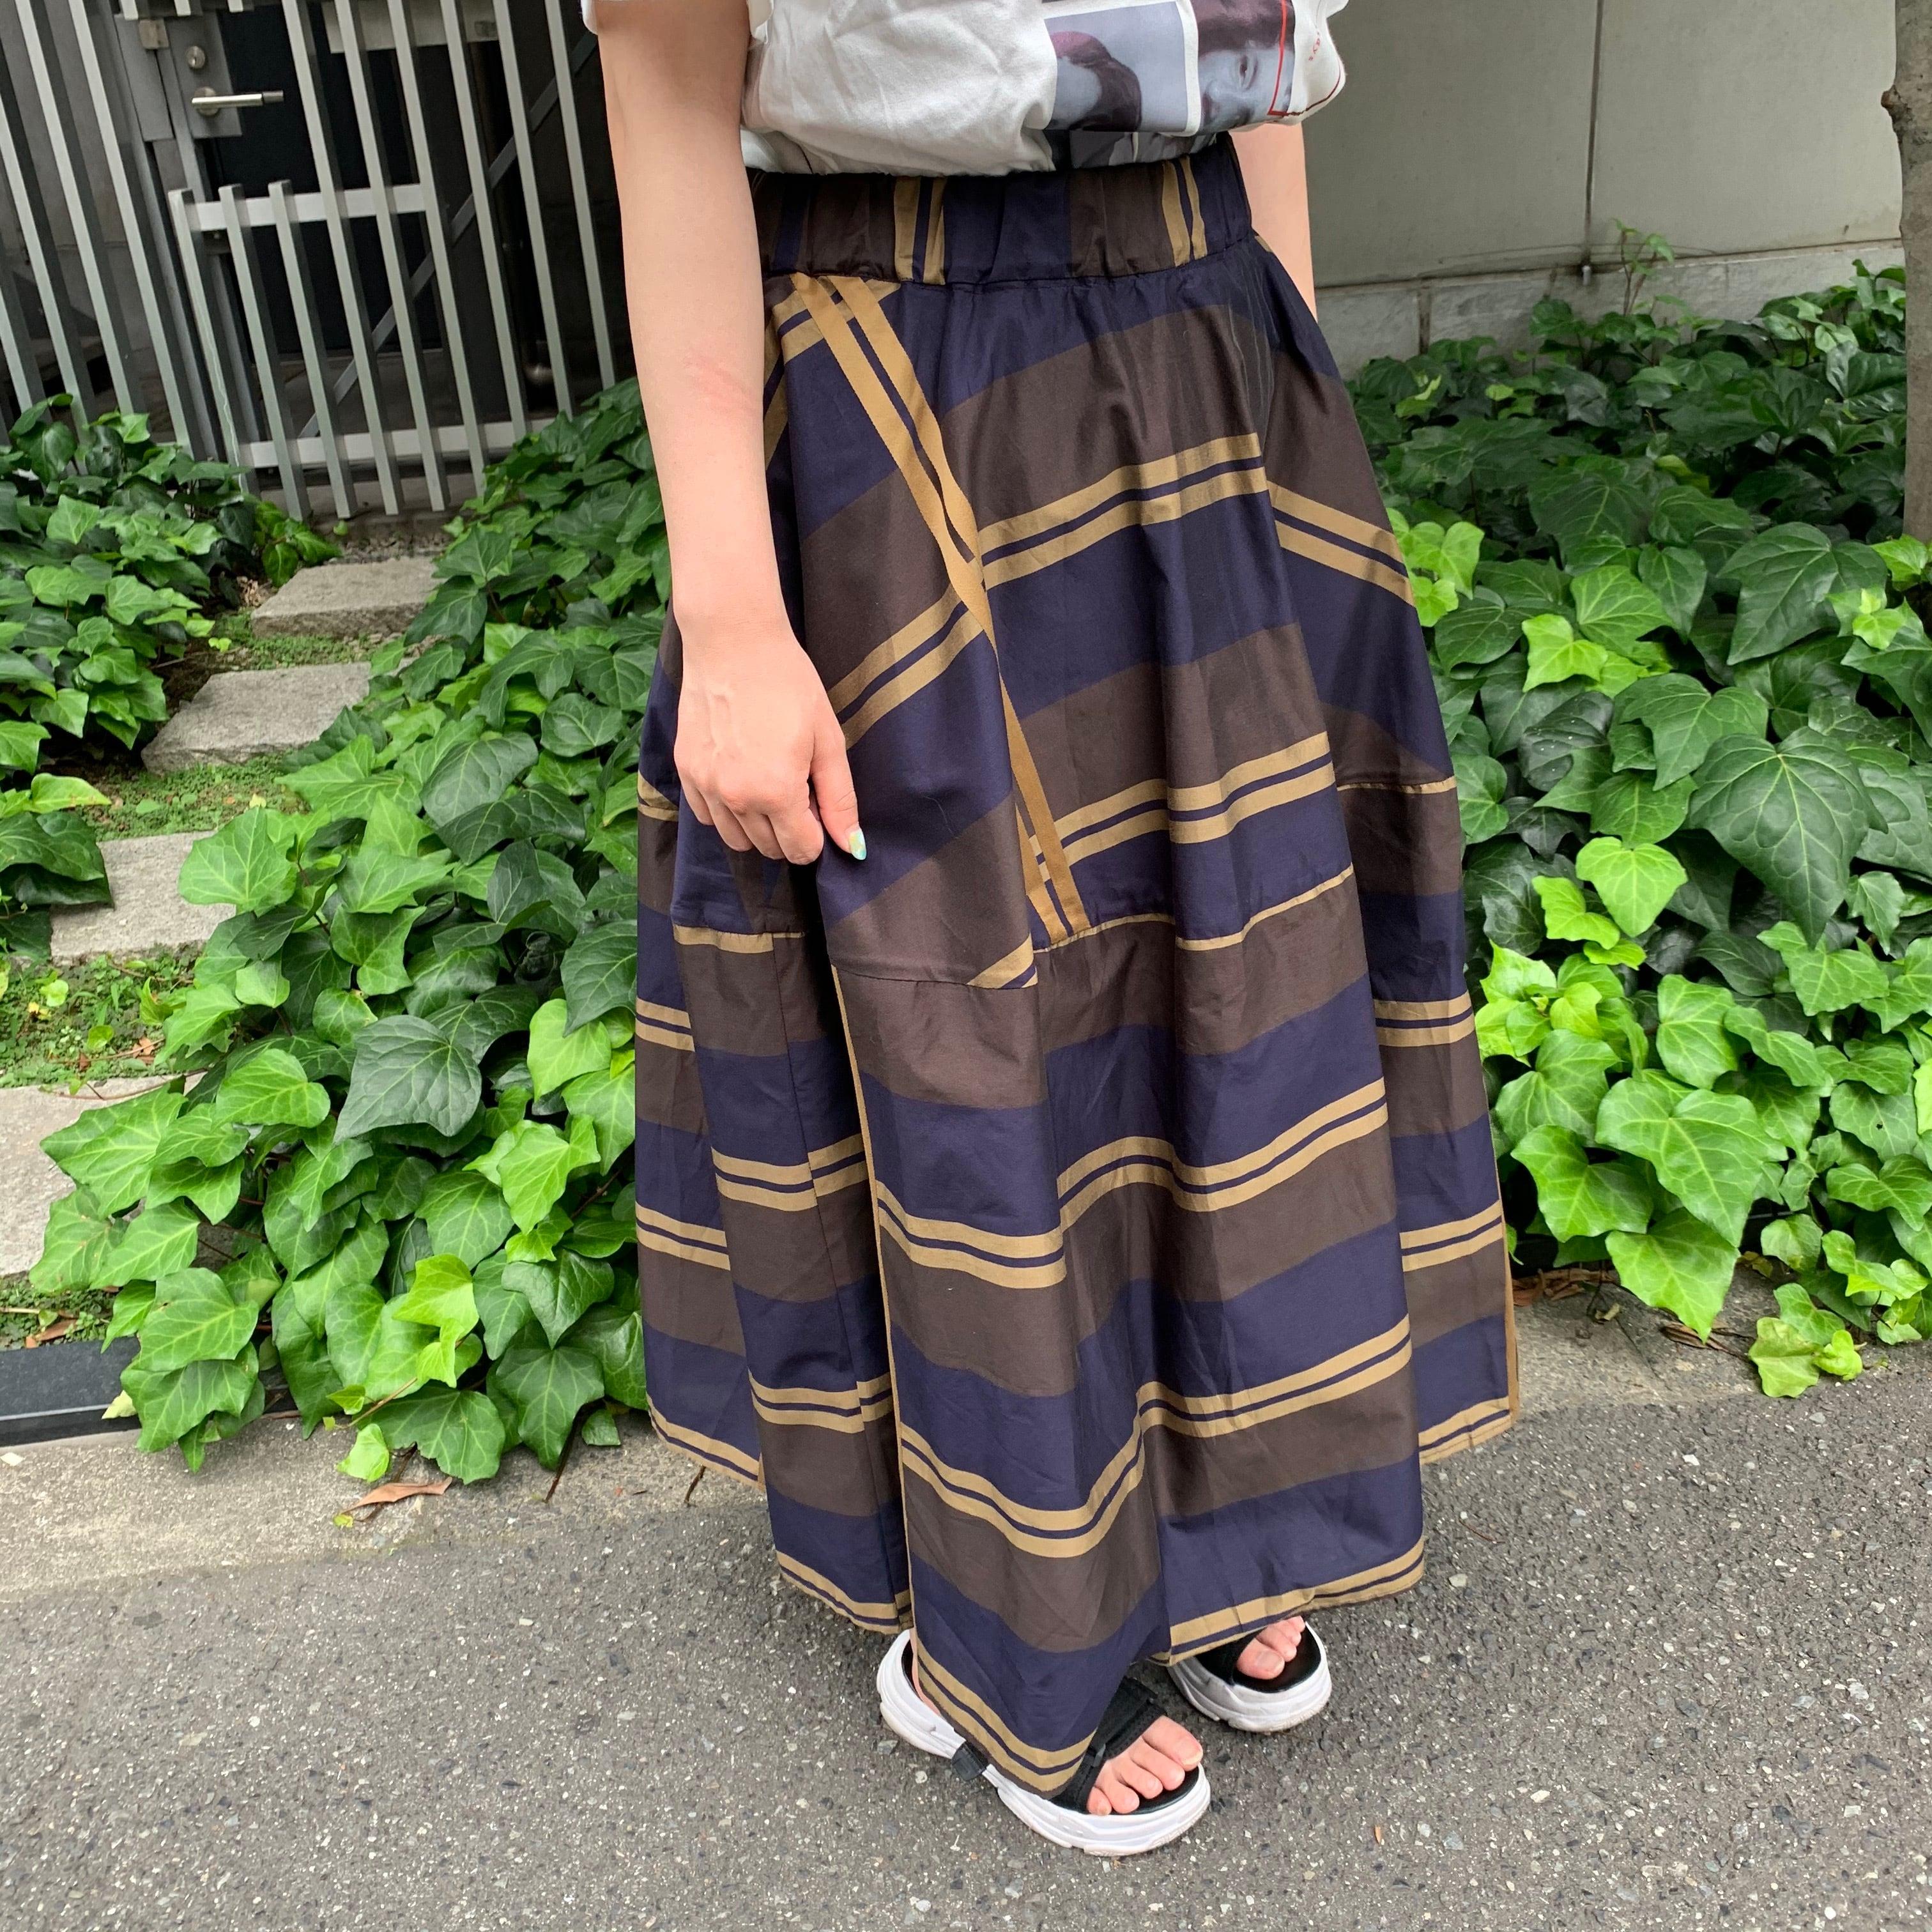 【即納】シルクスカート(チェック柄) インポート Aライン ロング丈 大人カジュアル